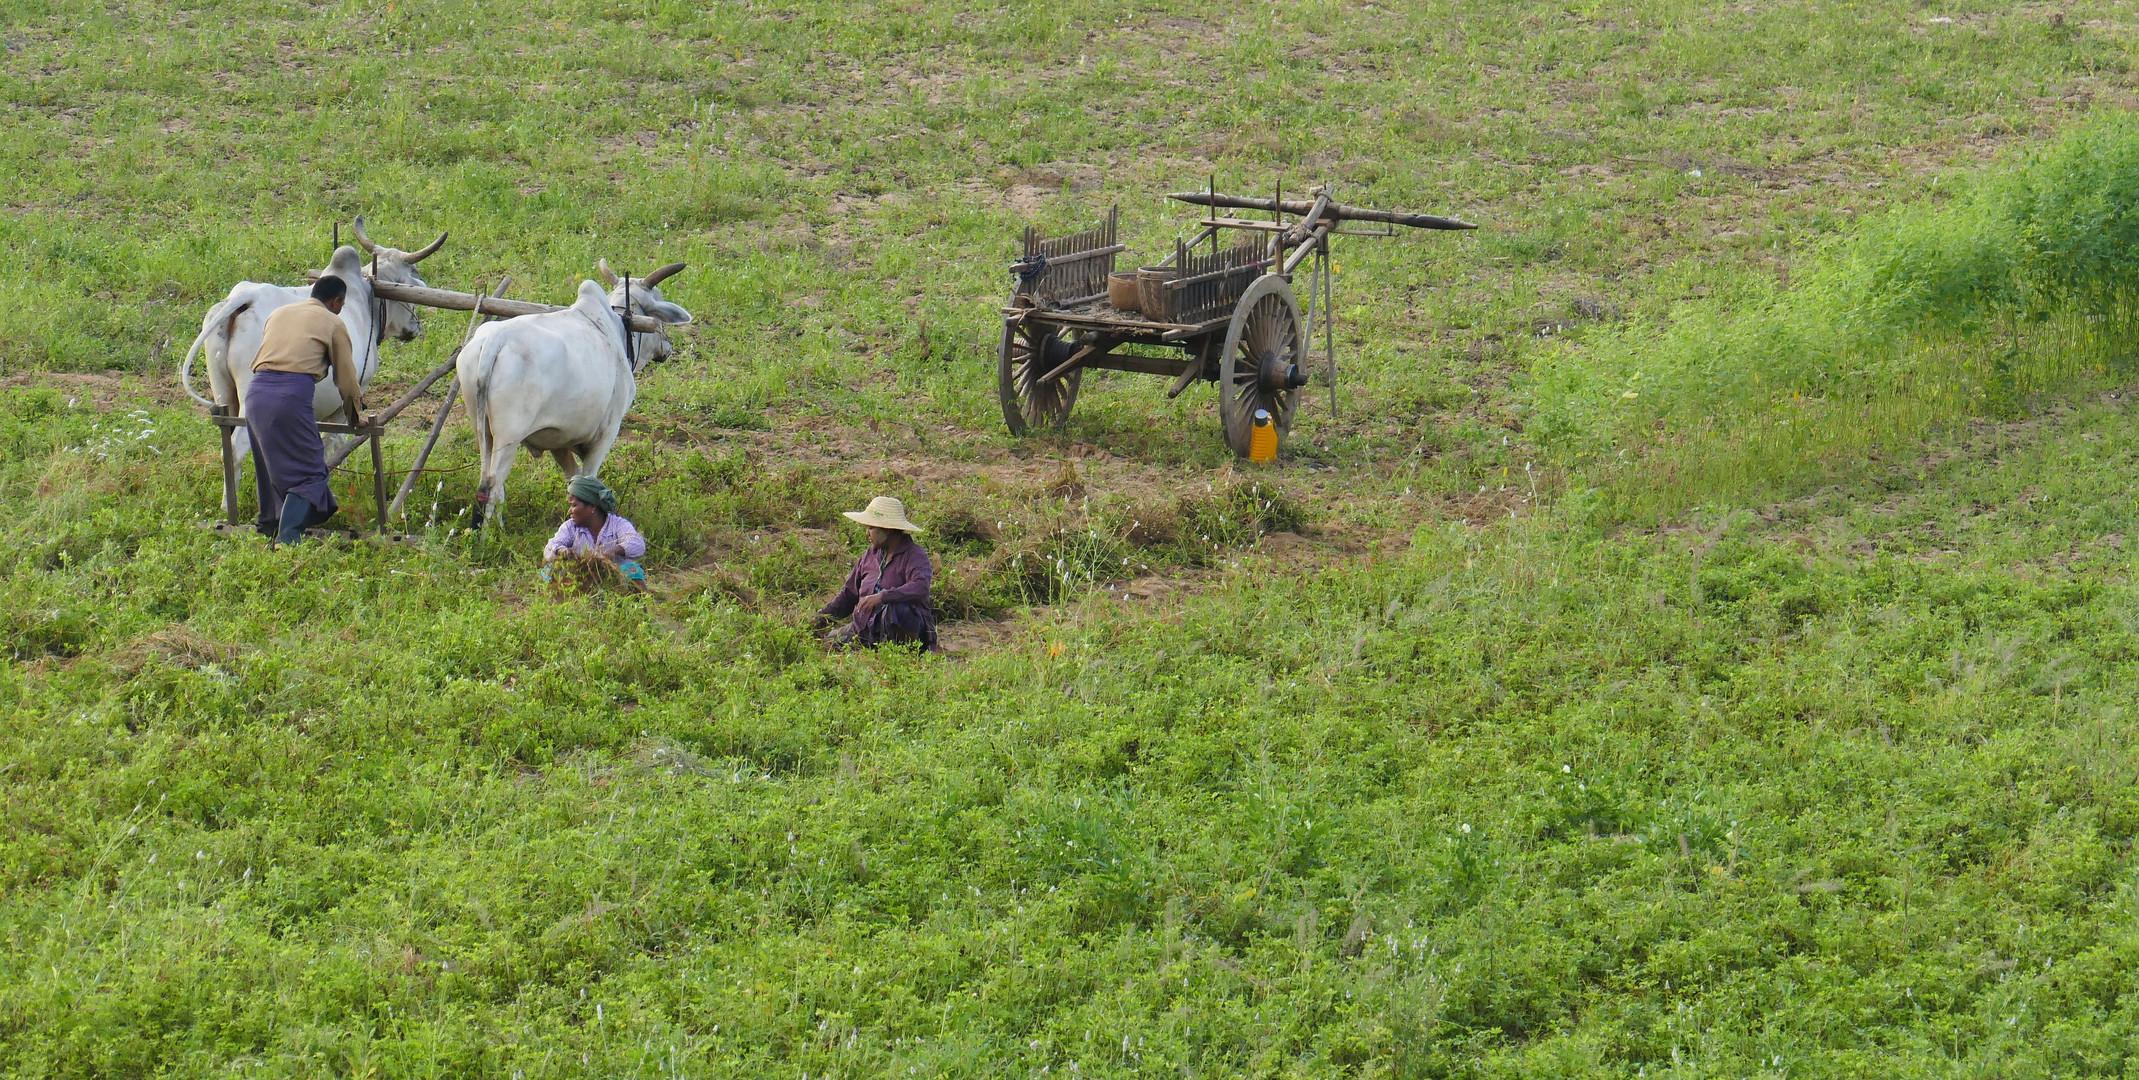 ...Feldarbeit aus der Luft gesehen...